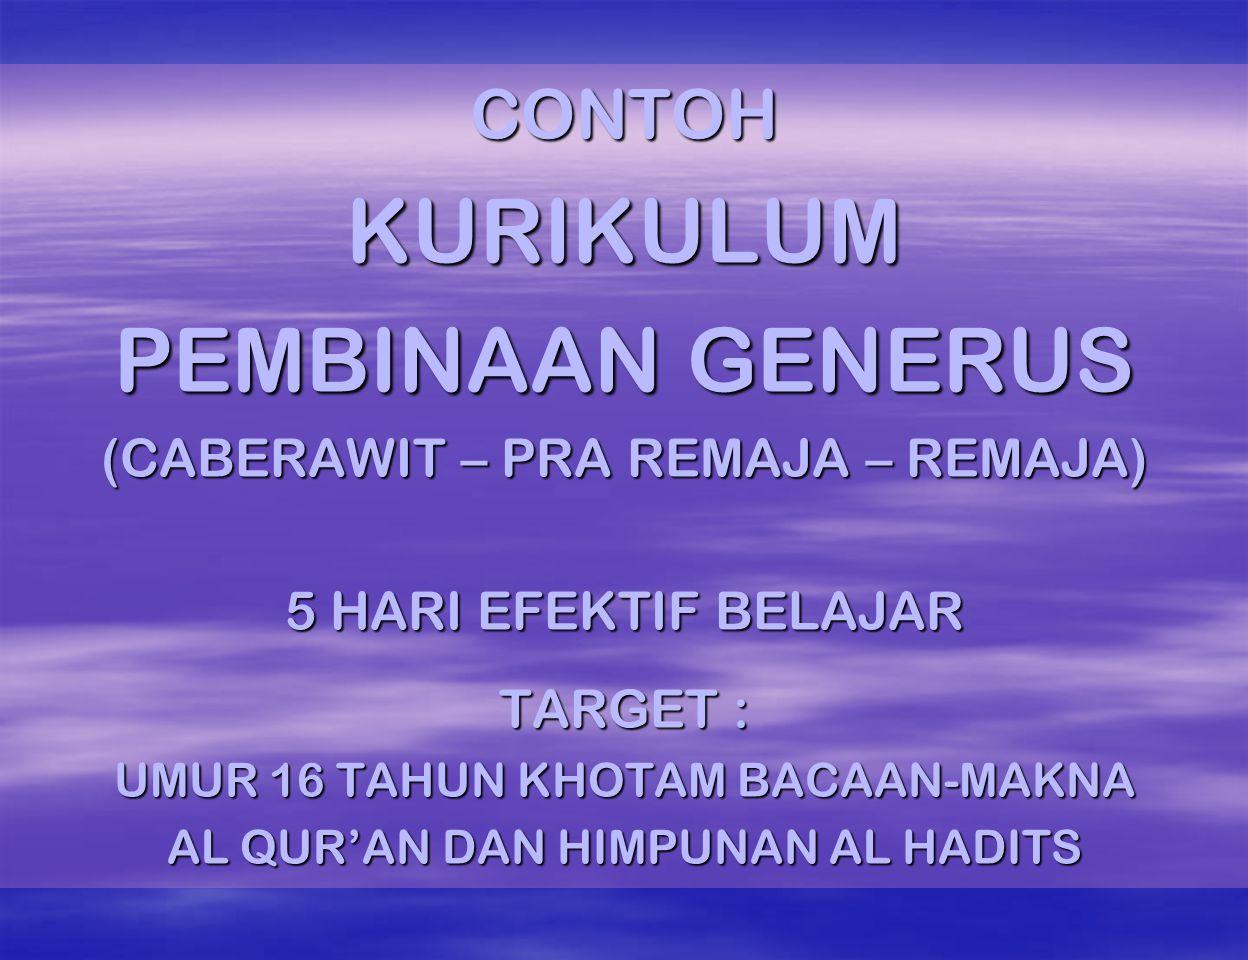 CONTOHKURIKULUM PEMBINAAN GENERUS (CABERAWIT – PRA REMAJA – REMAJA) 5 HARI EFEKTIF BELAJAR TARGET : UMUR 16 TAHUN KHOTAM BACAAN-MAKNA AL QUR'AN DAN HIMPUNAN AL HADITS